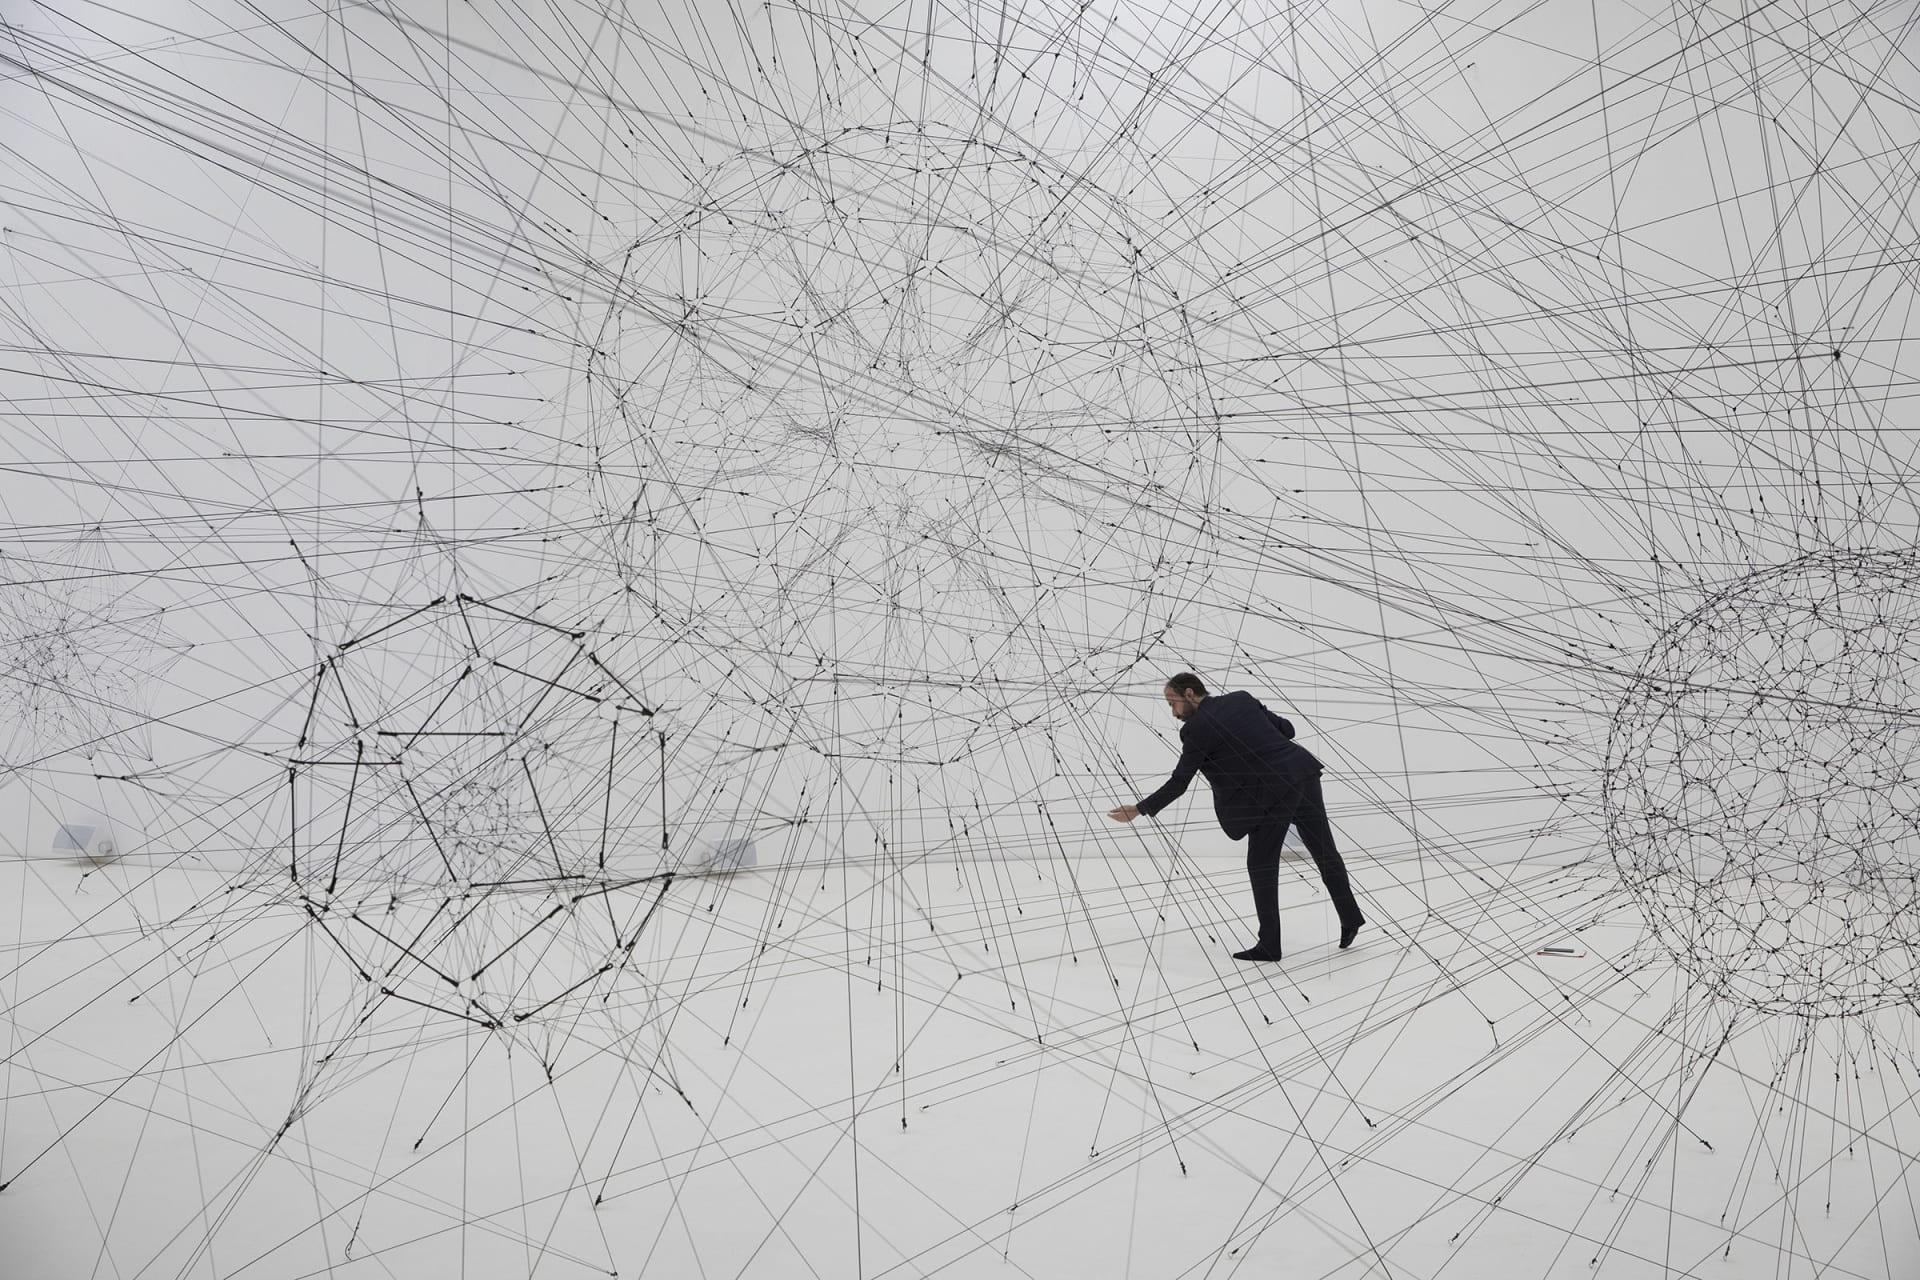 في متحف فرنسي.. شبكات عنكبوت عملاقة تملأ المكان